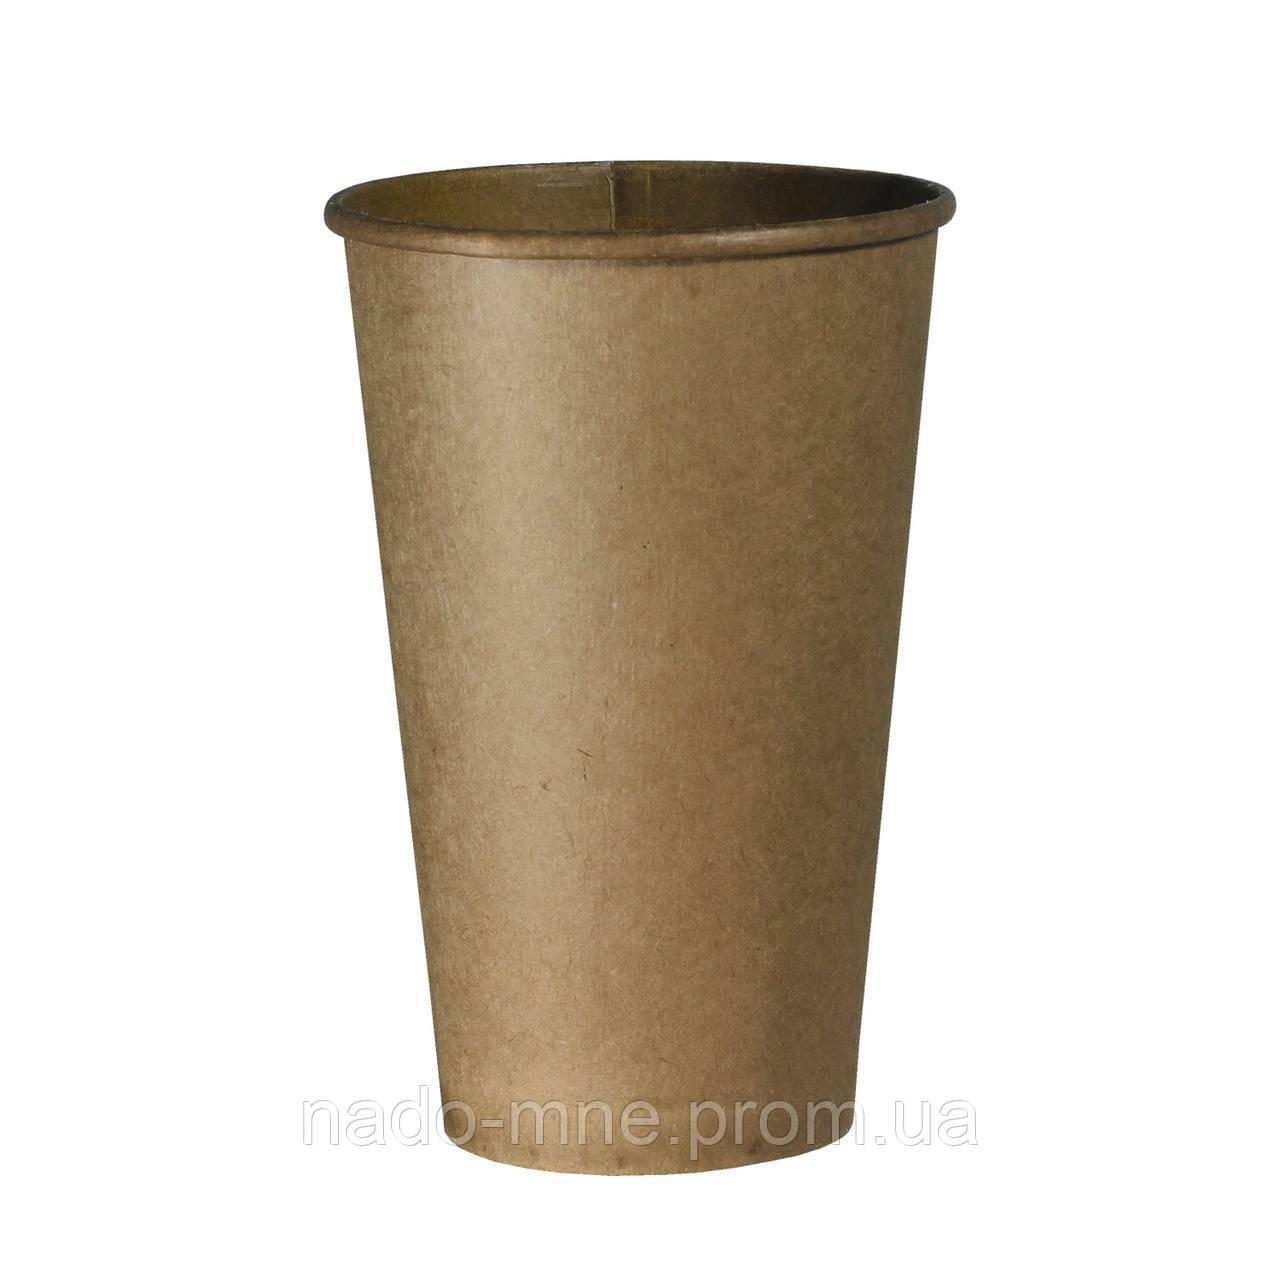 Стакан бумажный Крафт 450мл. 50шт/уп (КВ90)